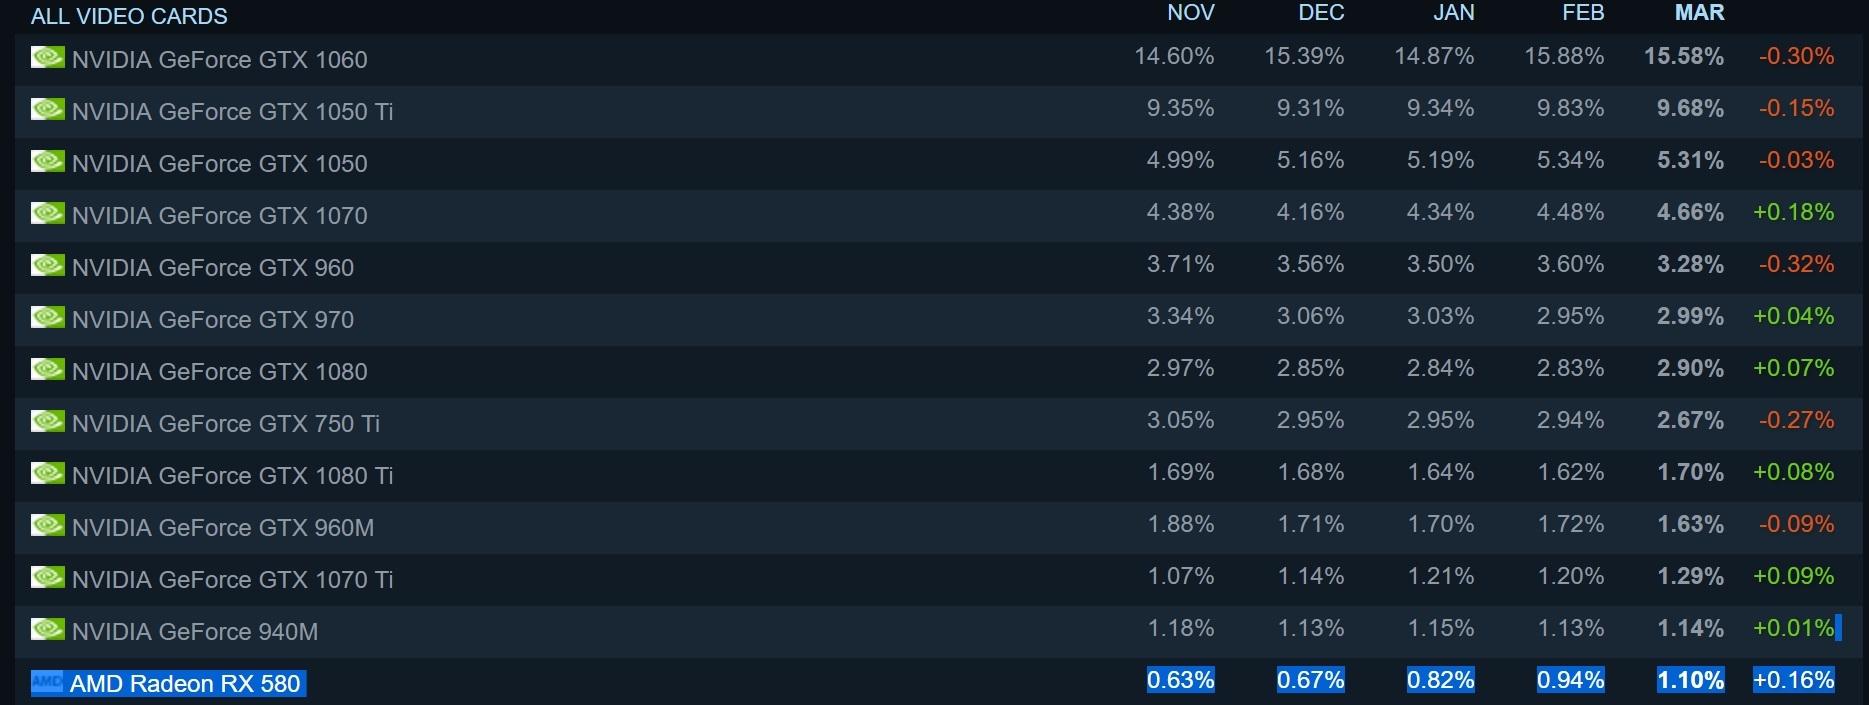 RX 580 в настоящее время числится в списке самых популярных графических процессоров AMD в Steam.